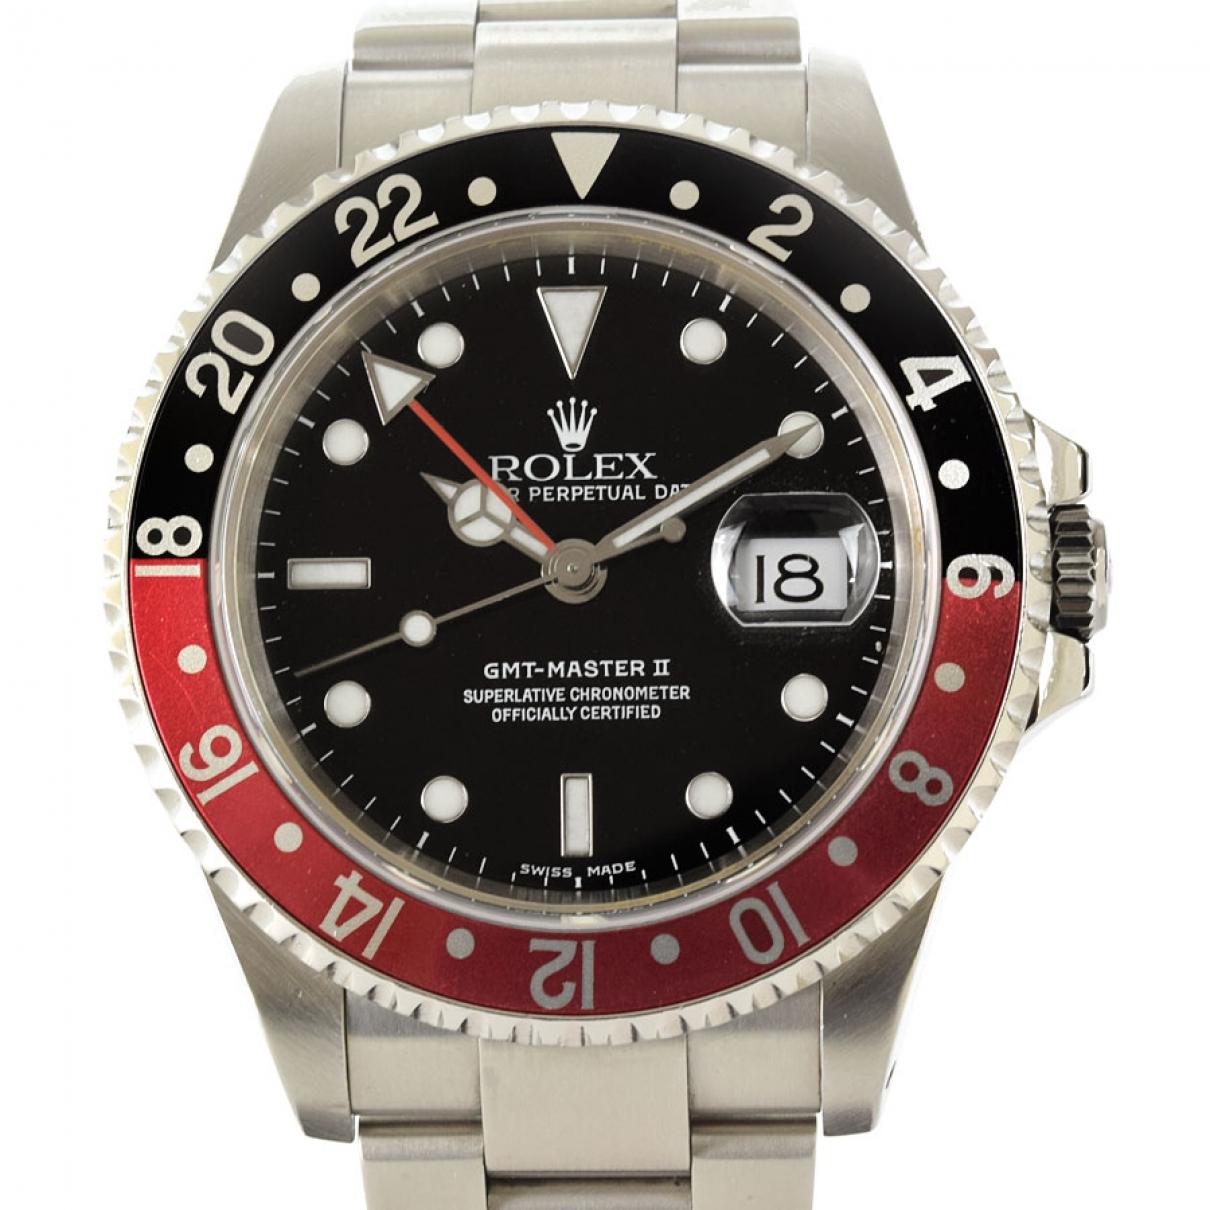 Relojes GMT-Master II Rolex